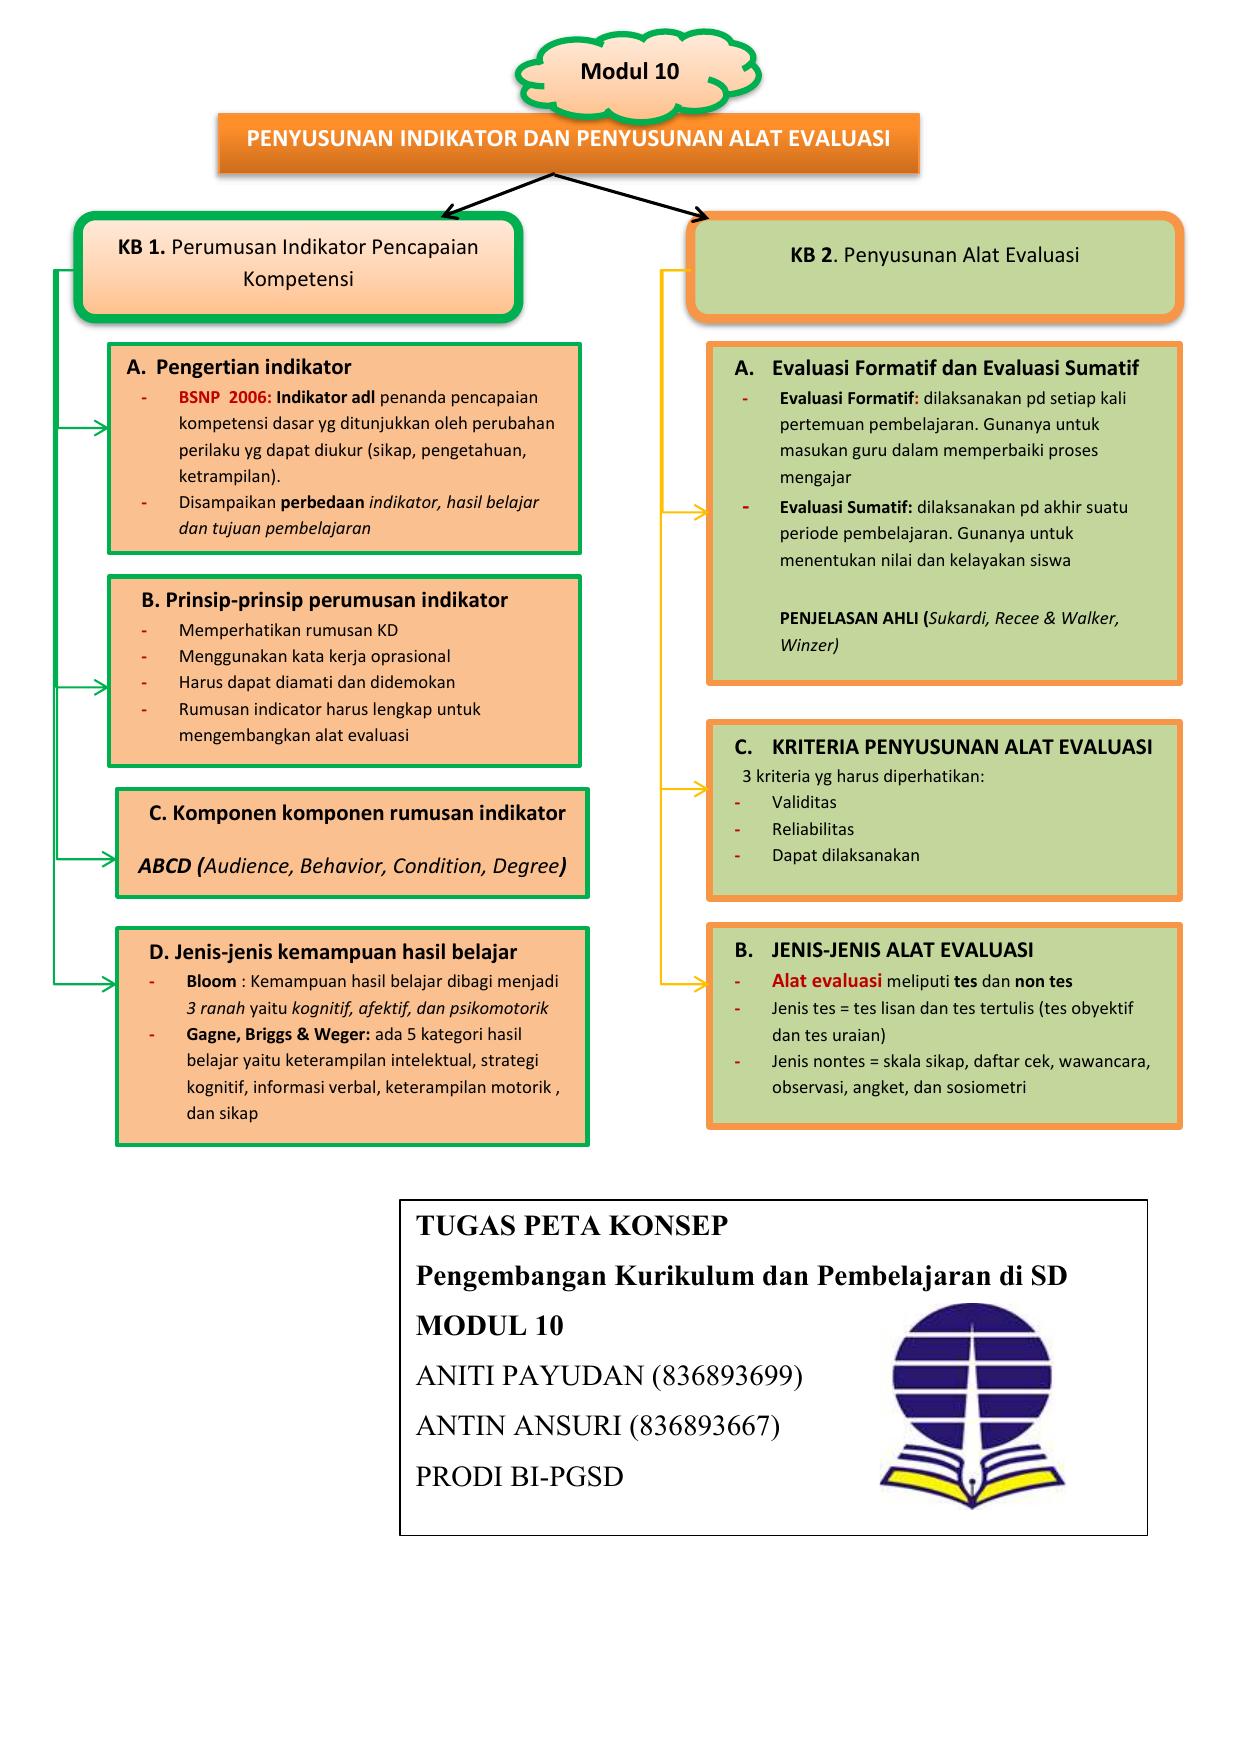 Peta Konsep Modul 10 Pengembangan Kurikulum Dan Pembelajaran Di Sd Universitas Terbuka